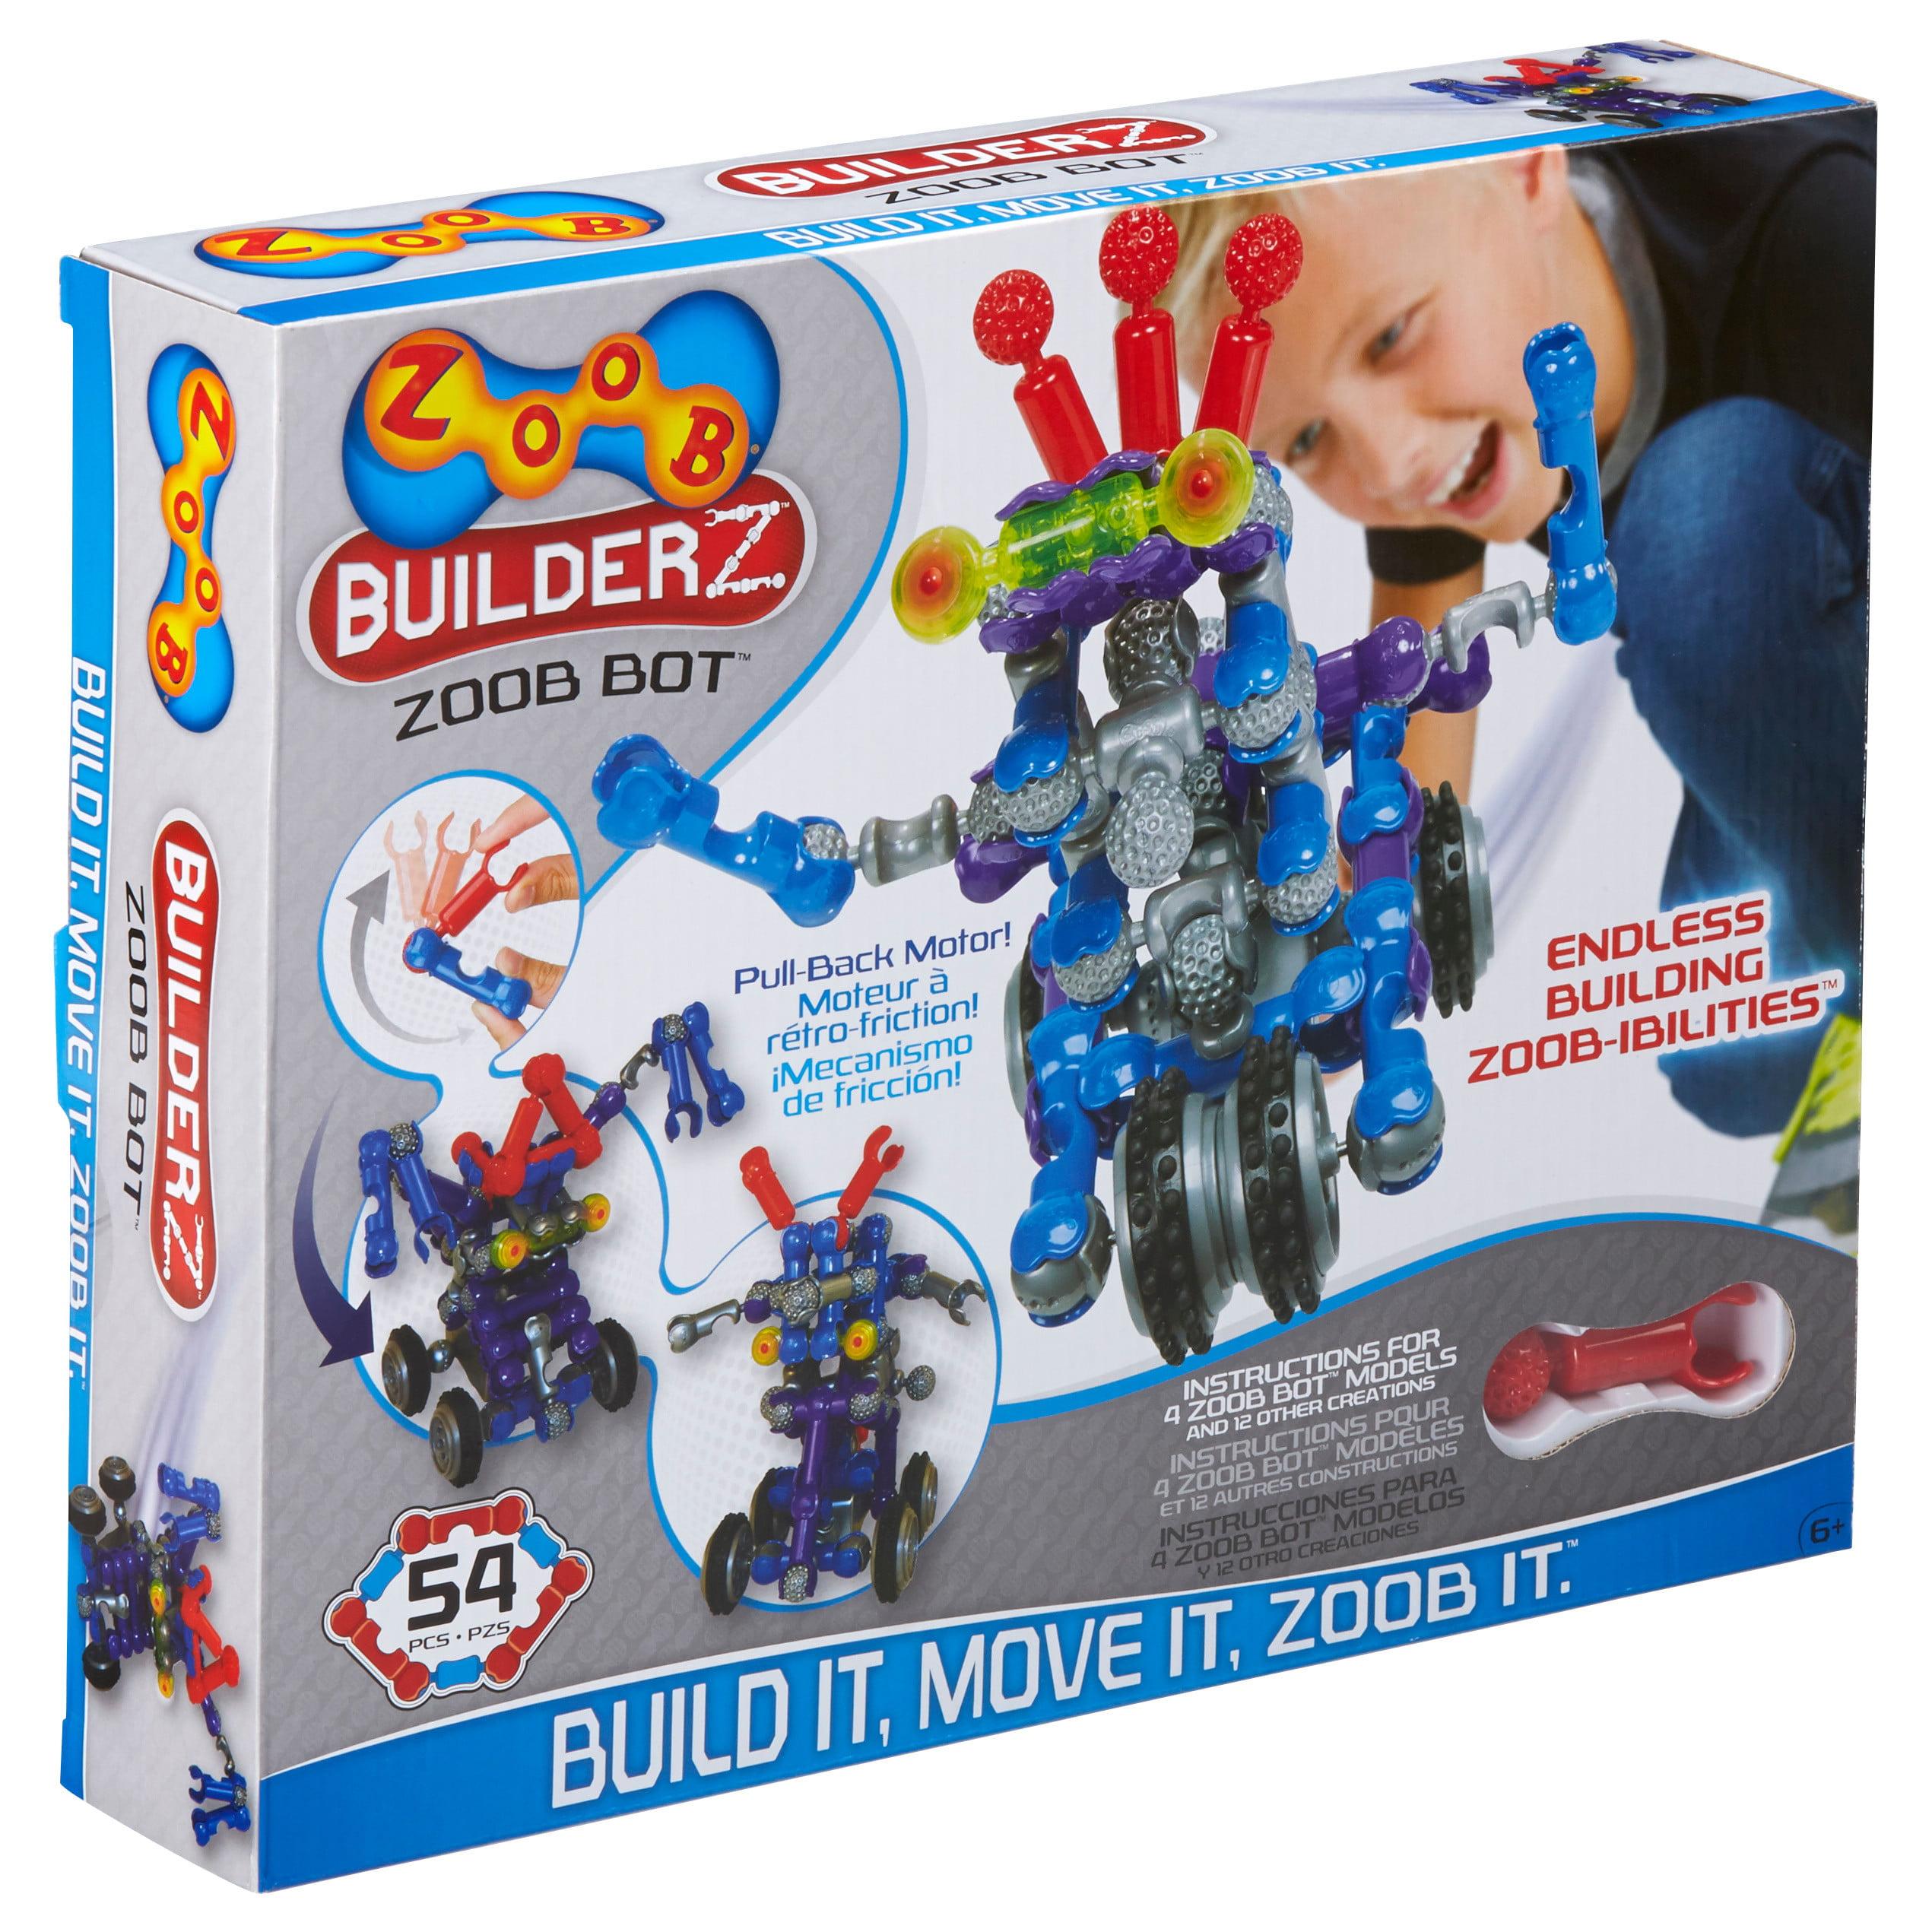 ZOOB BuilderZ ZOOB Bot